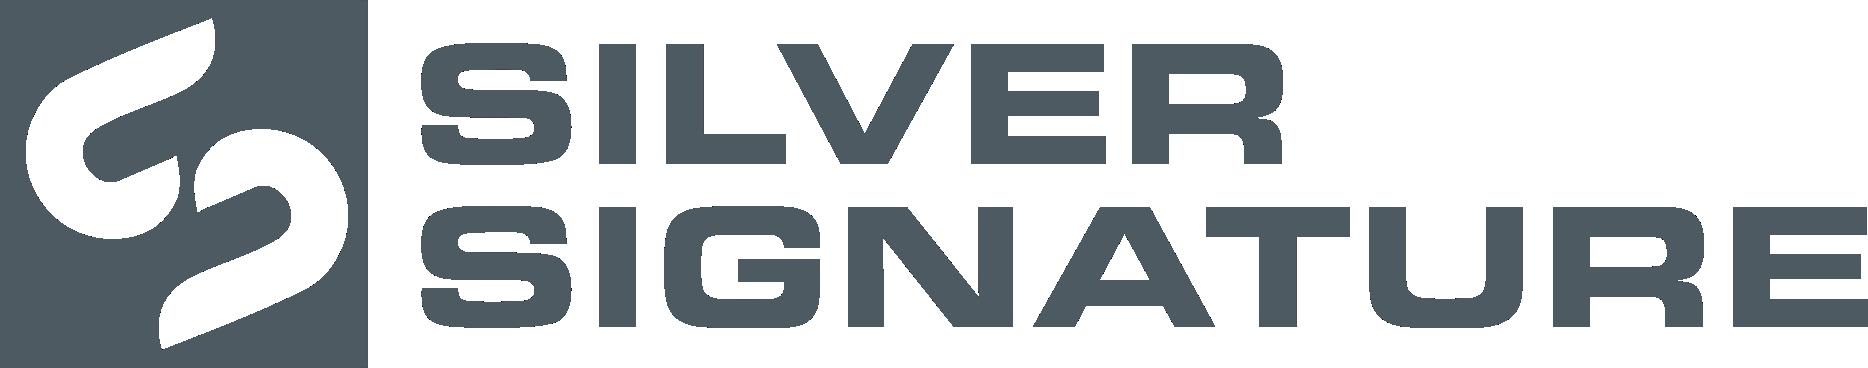 Silver Signature